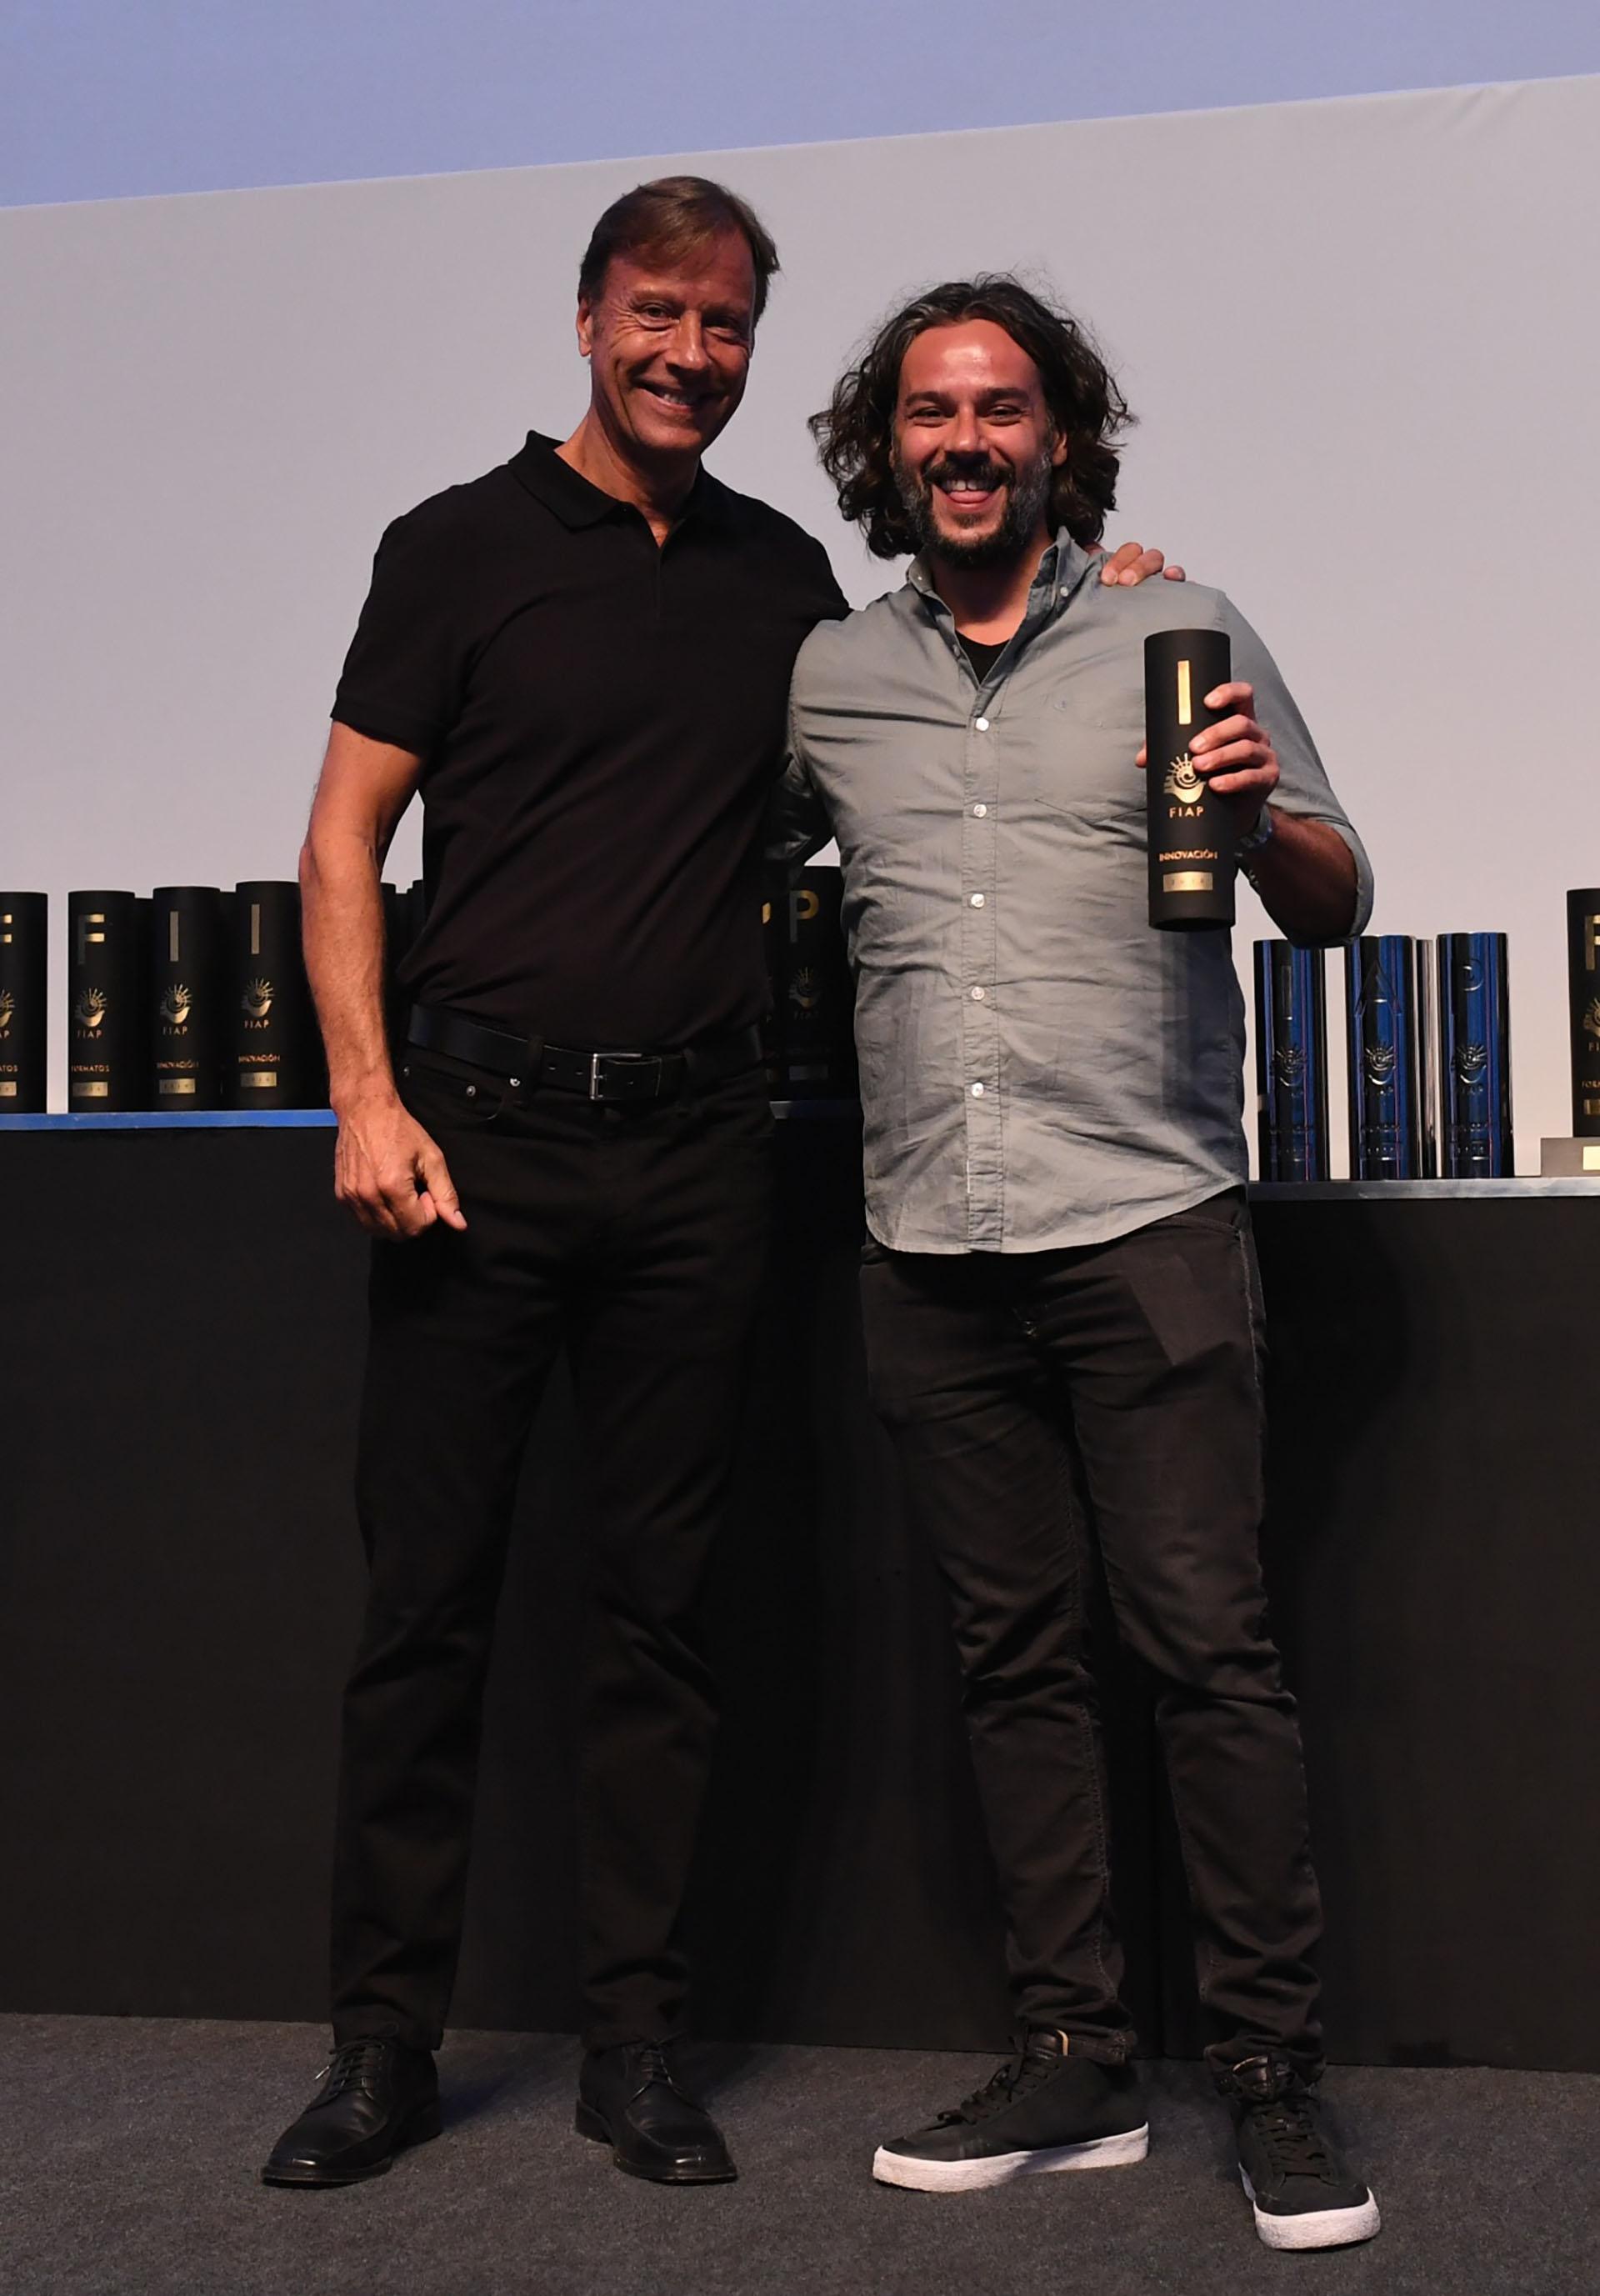 La categoría innovación fue entregada por Daniel Marcet, CEO de FIAP, y Jon Lavin, director creativo ejecutivo de Mccann, ganó una estatuilla